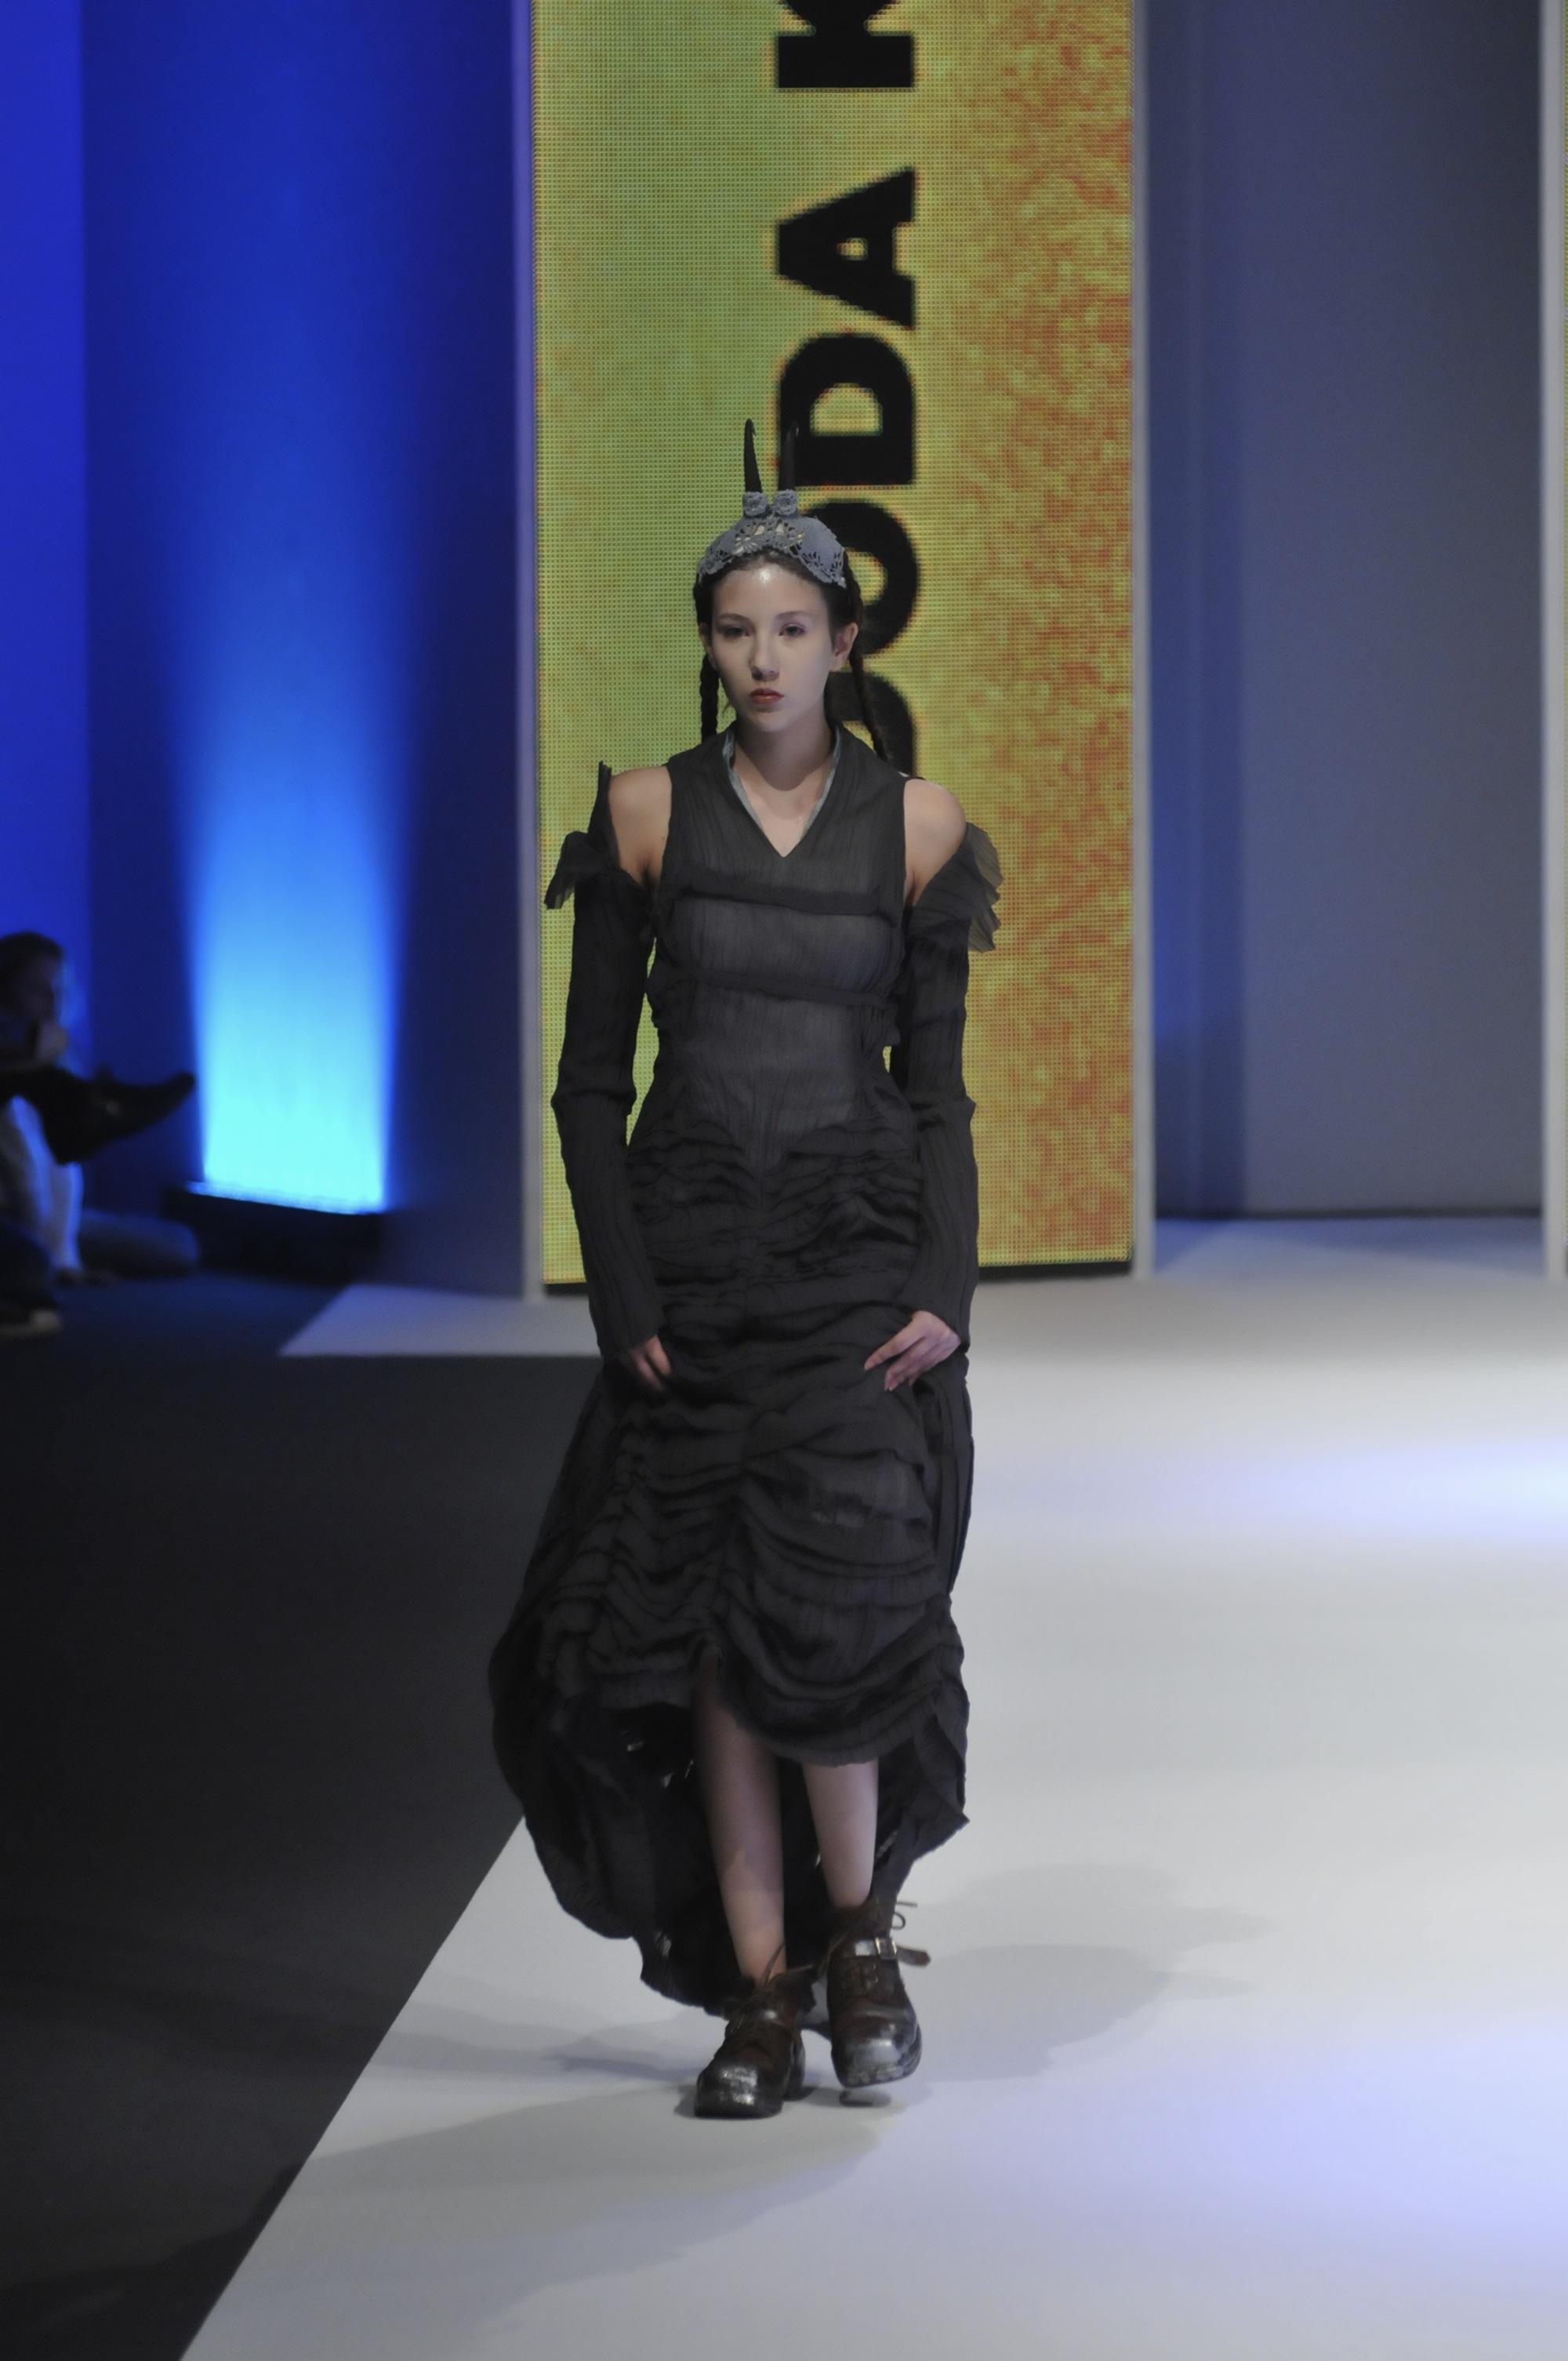 dodakomad Peto veče 30.Amstel Fashion Week a